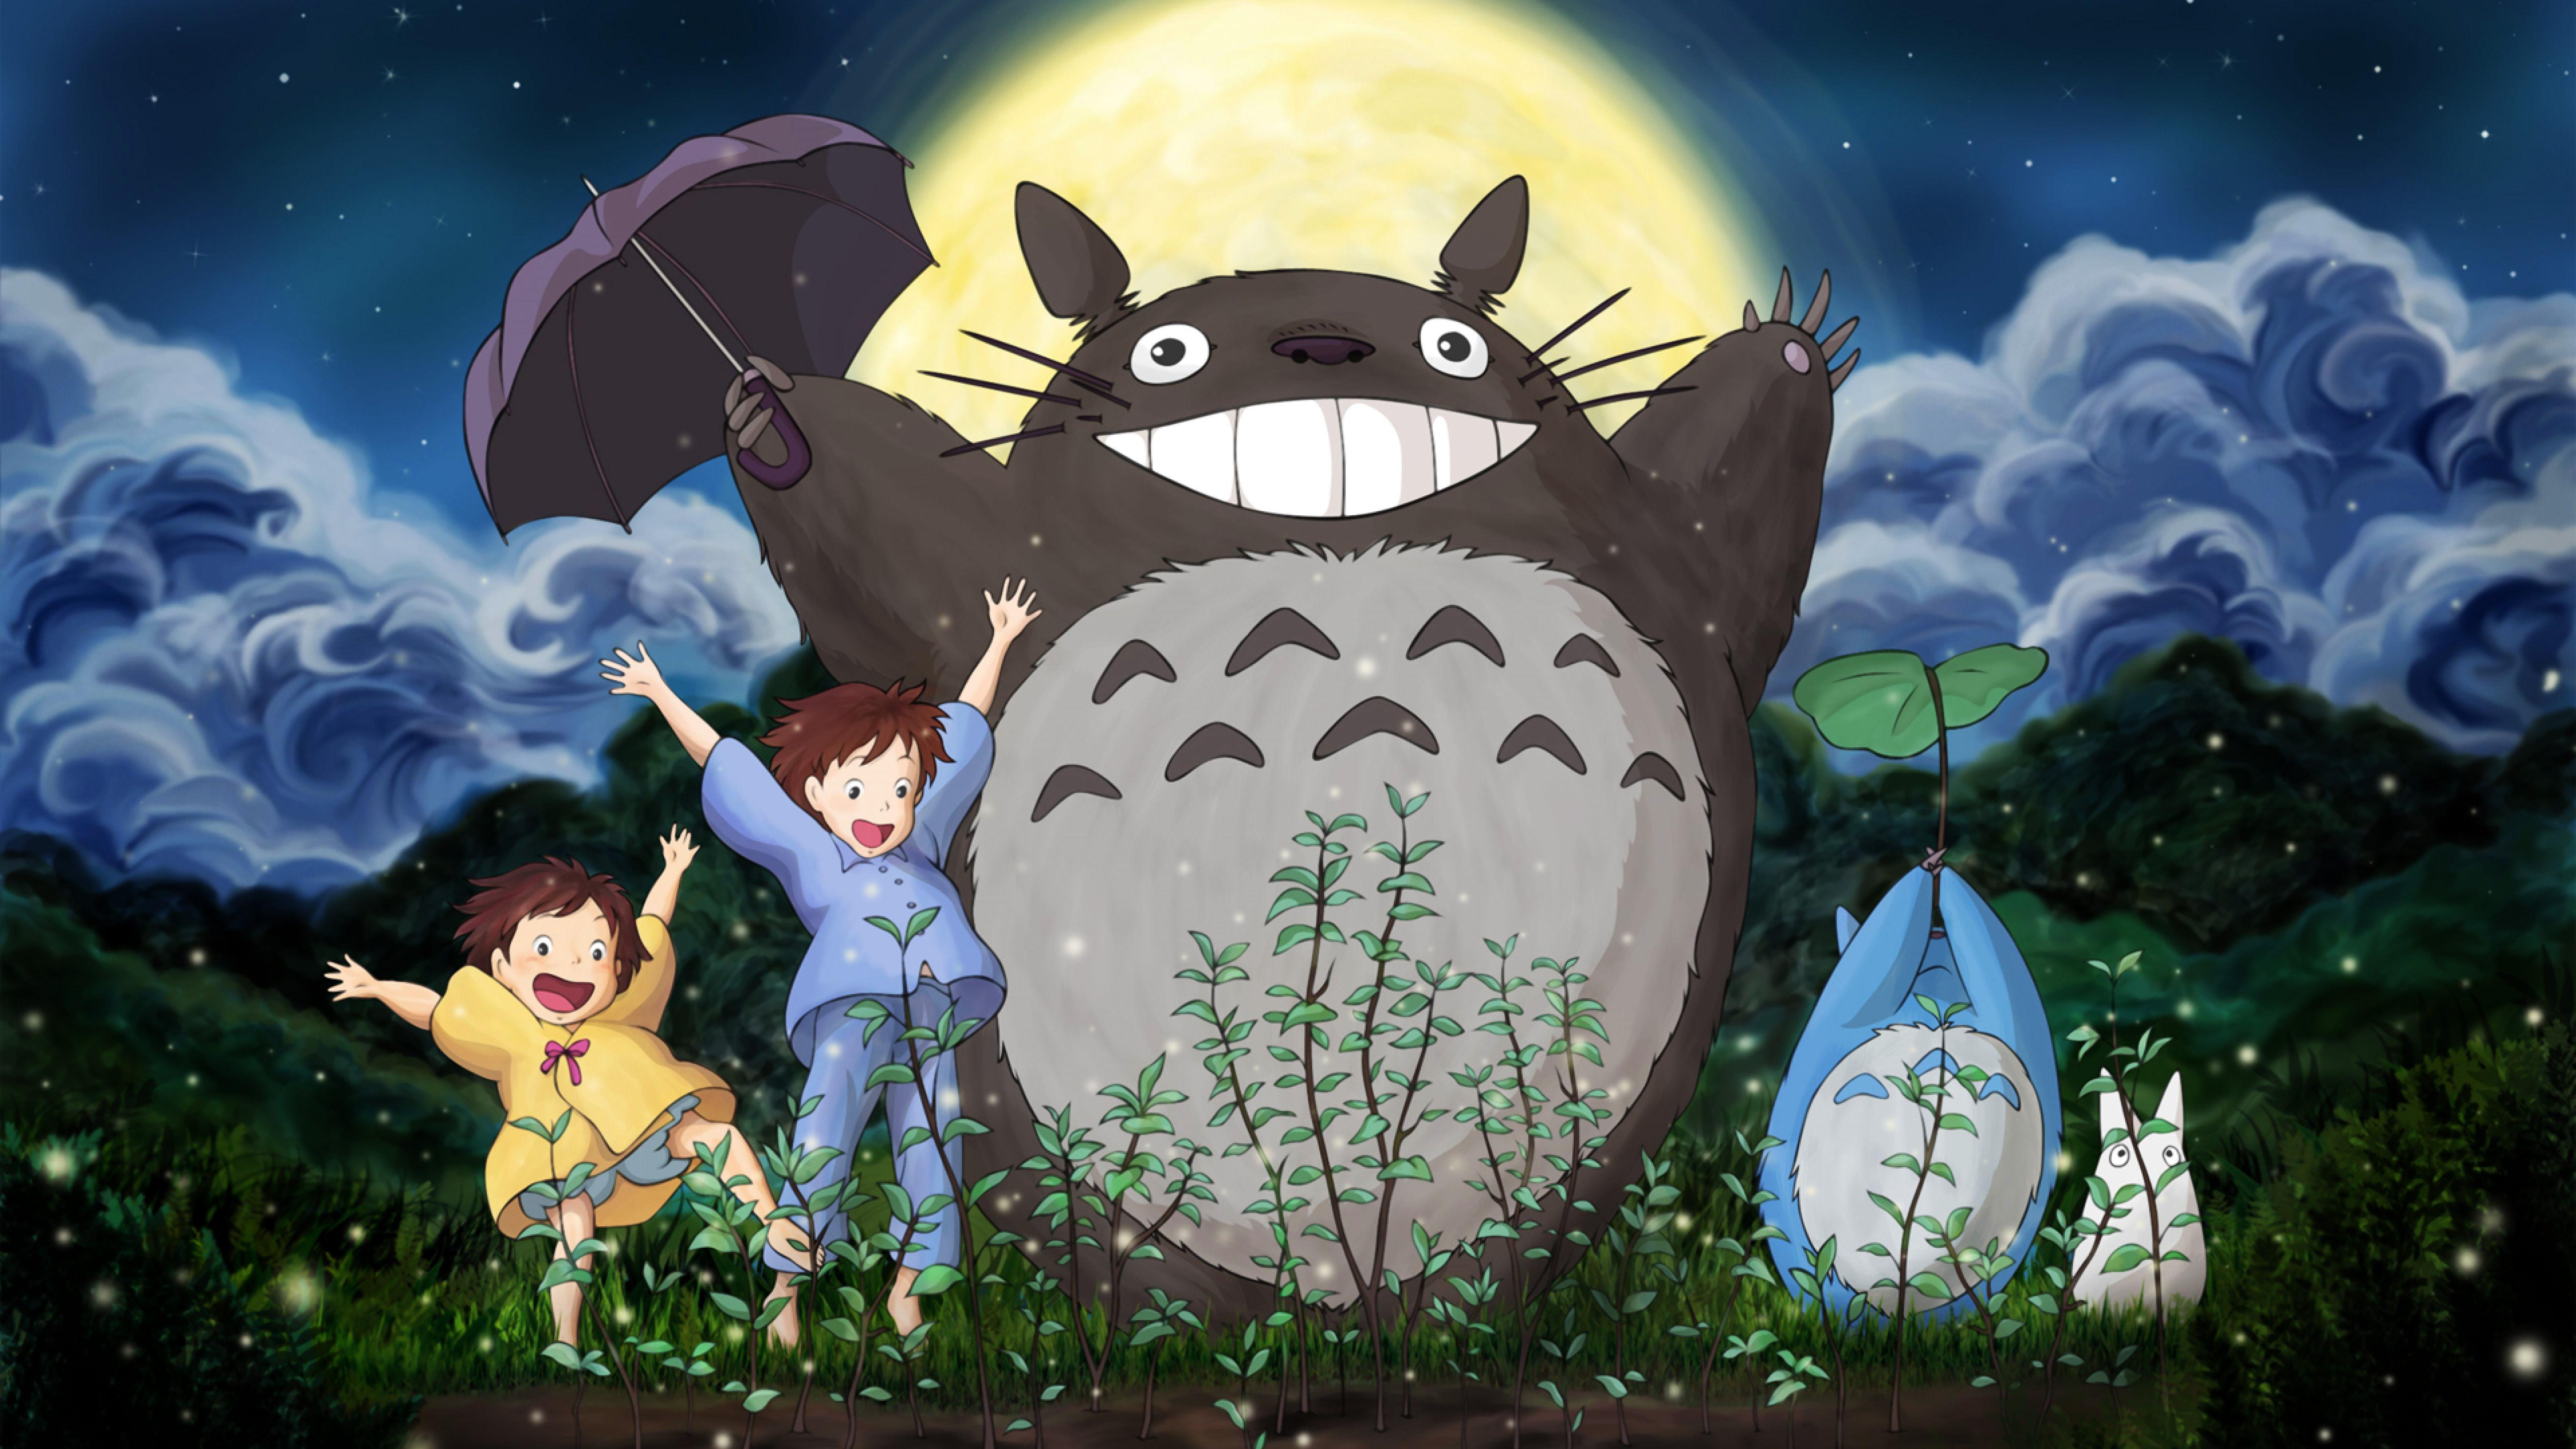 phim hoạt hình Hàng Xóm Của Tôi Là Totoro Studio Ghibli